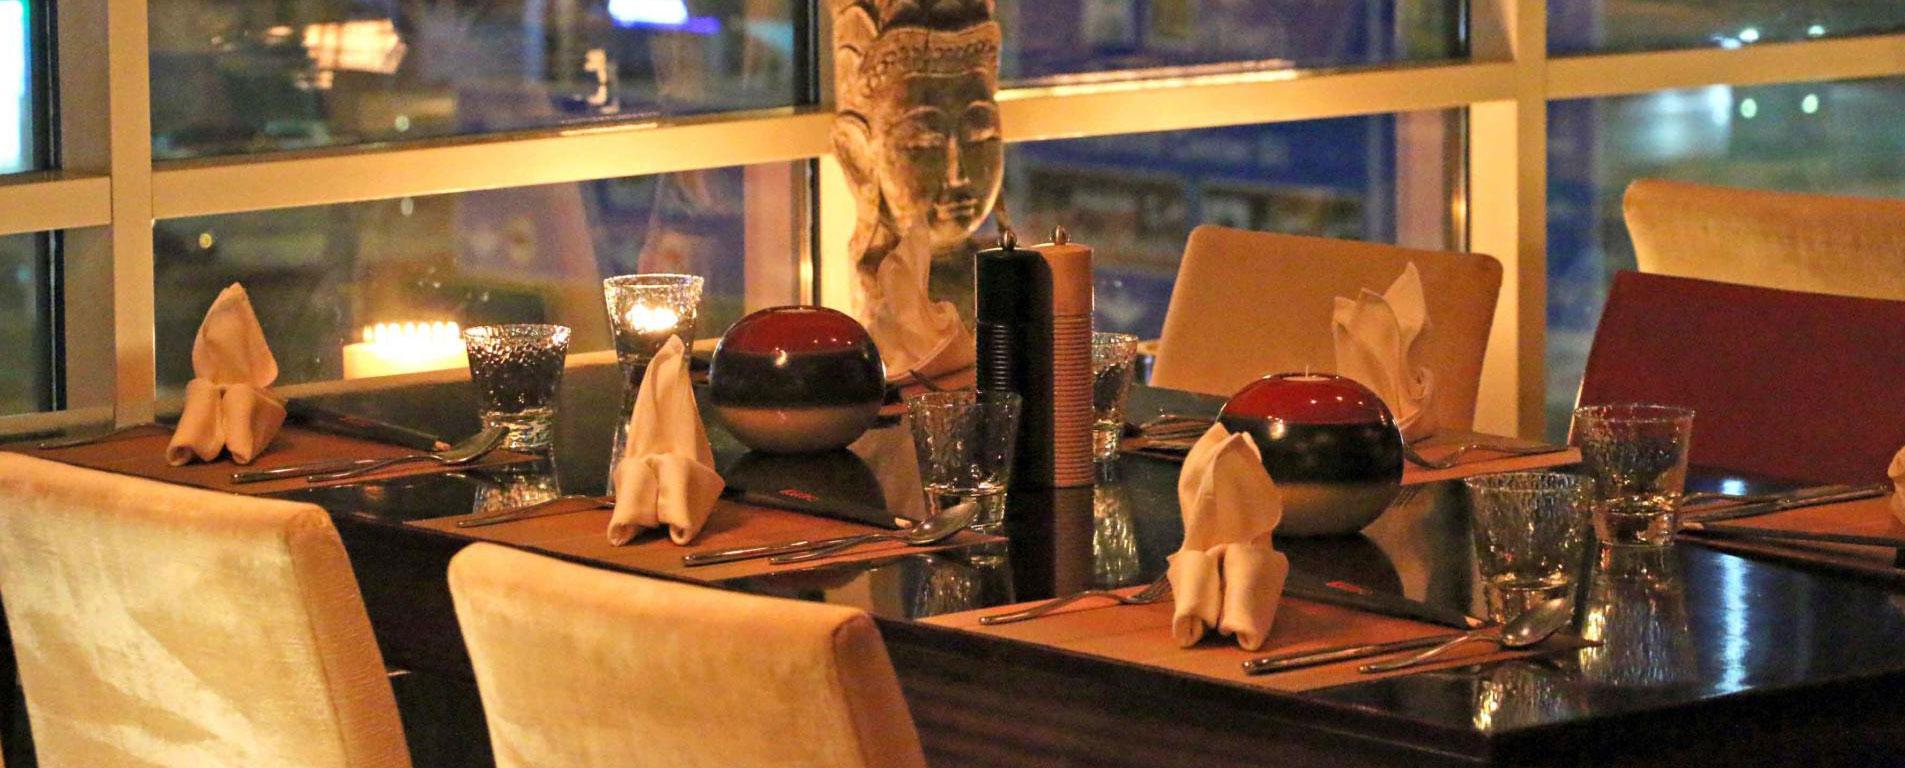 رستوران های دبی را بهتر بشناسیم ، تجربه یک طعم خوب